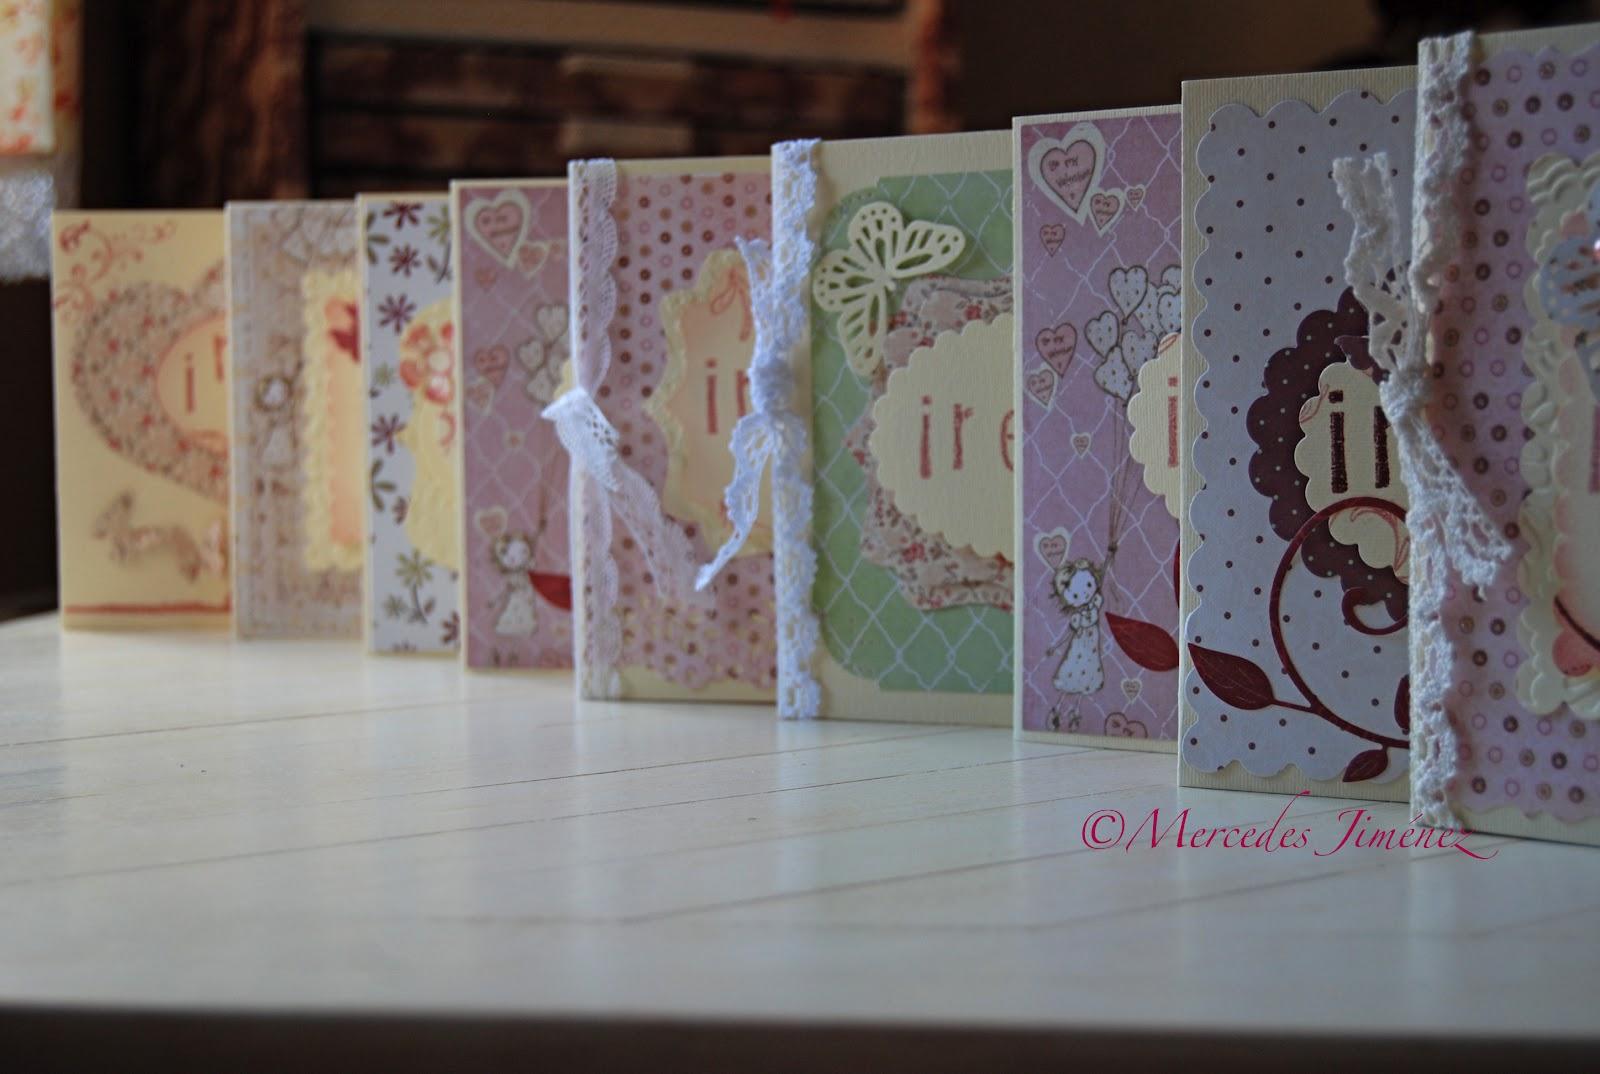 Alterado unas tarjetas de comuni n - Hacer tarjetas de comunion ...